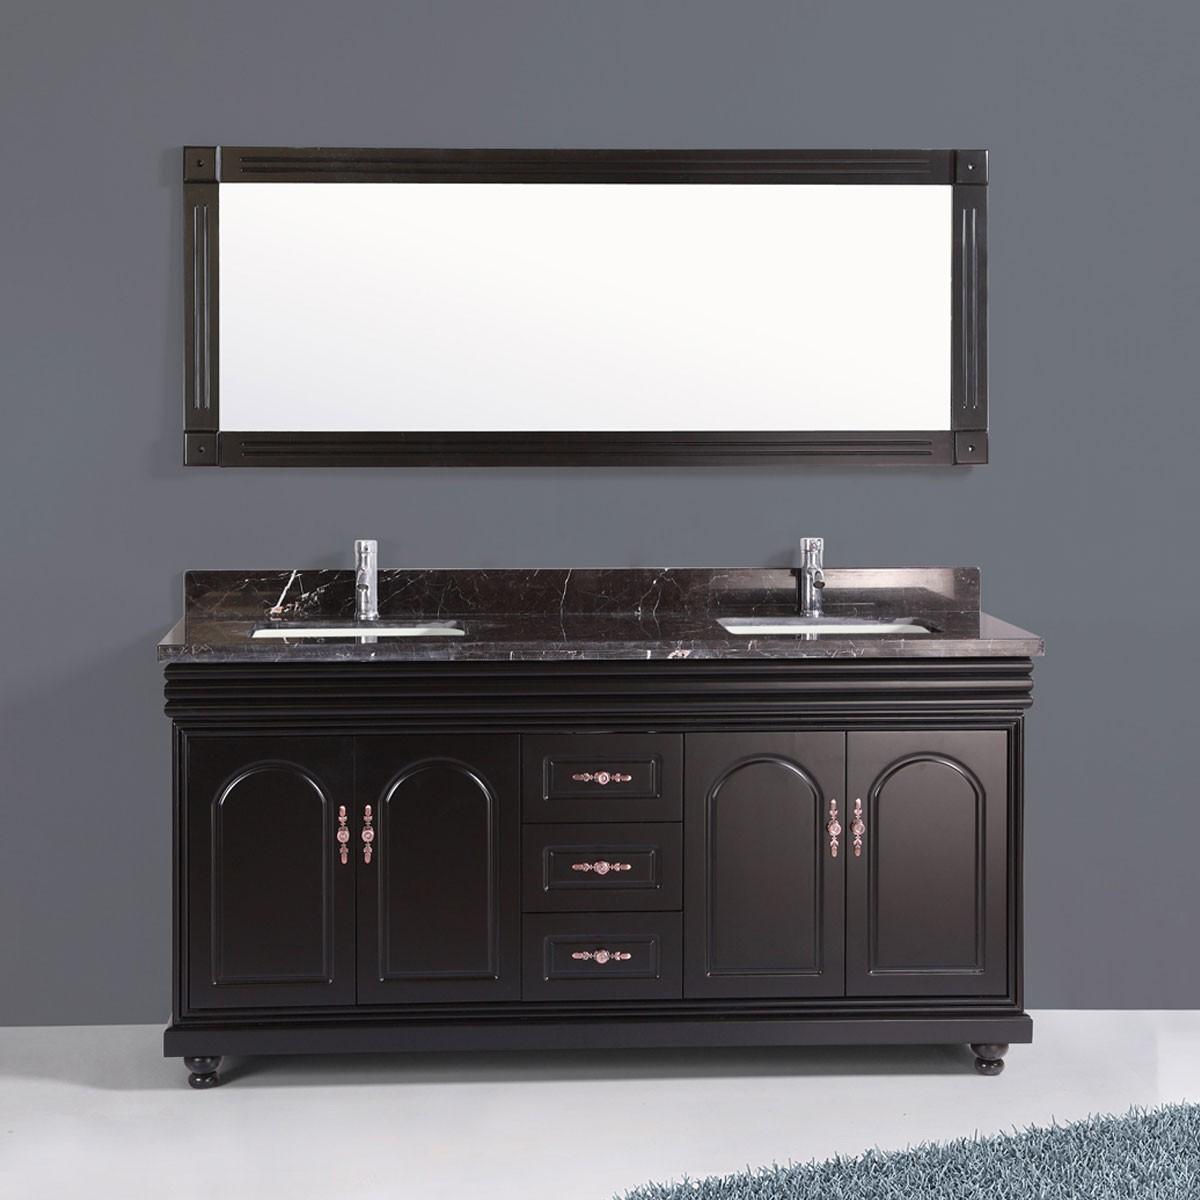 60 po meuble salle de bain avec lavabo double et miroir dk t9091 60e deco - Meuble lavabo avec miroir ...